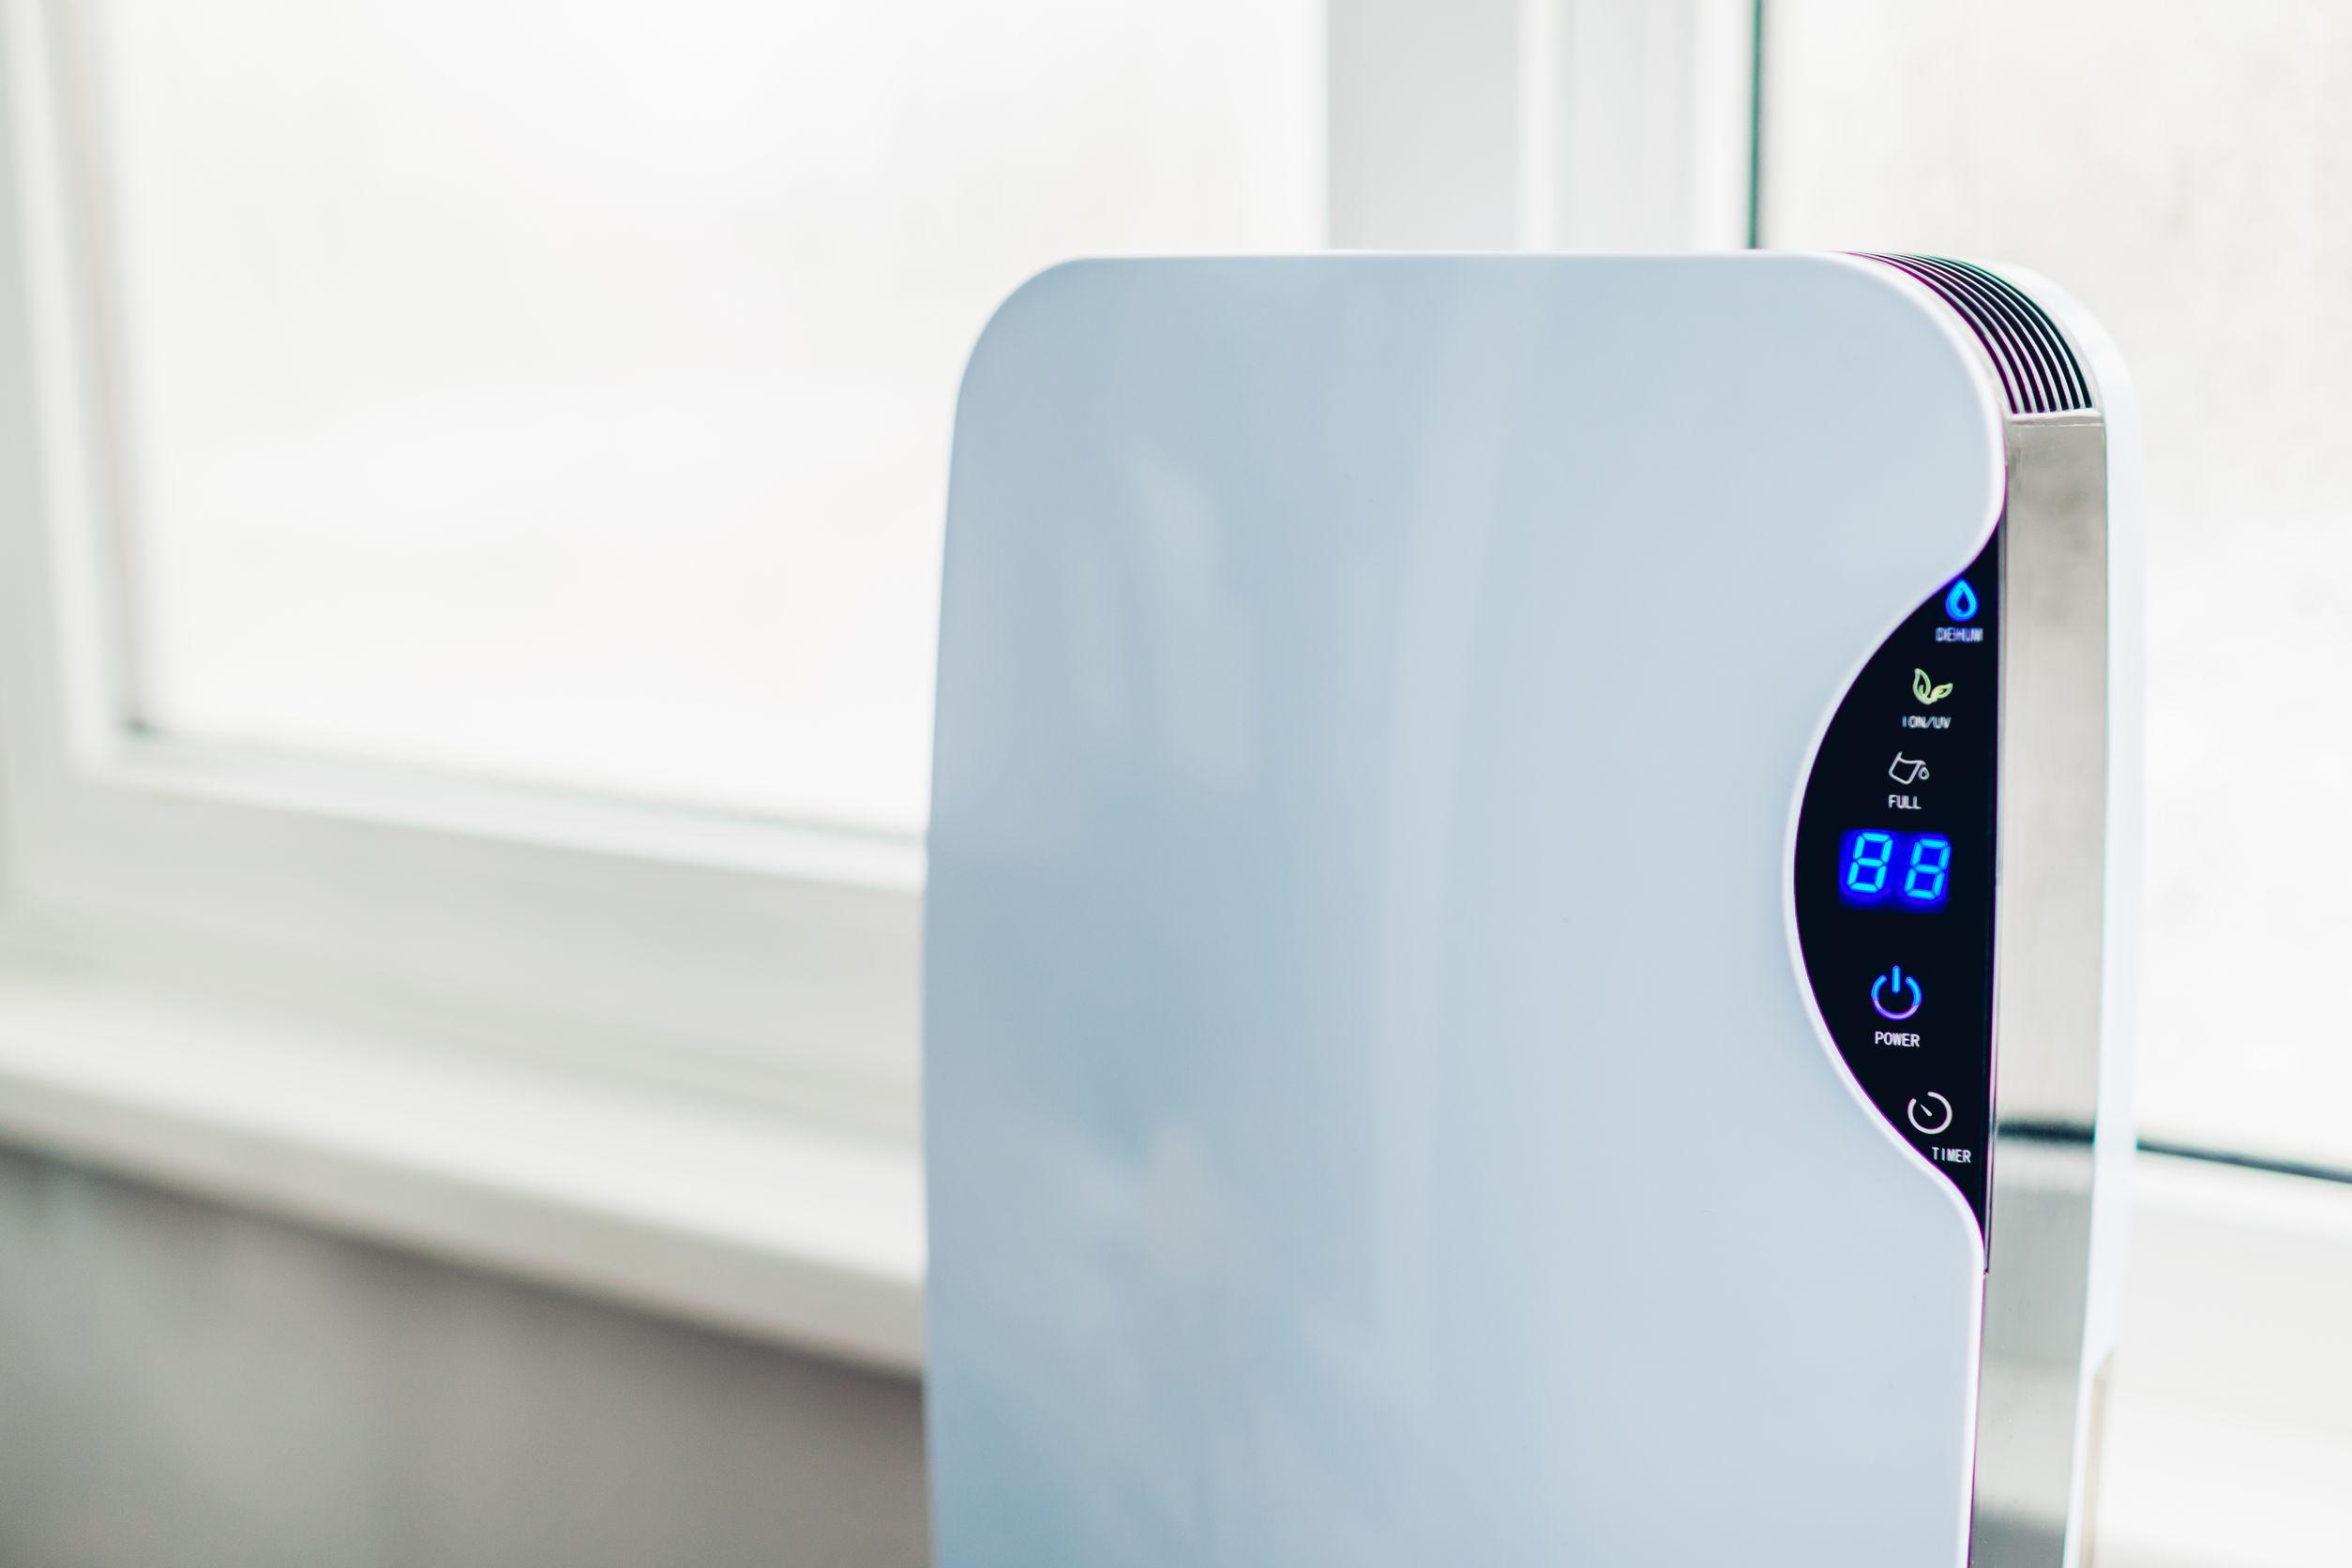 climatizador digital